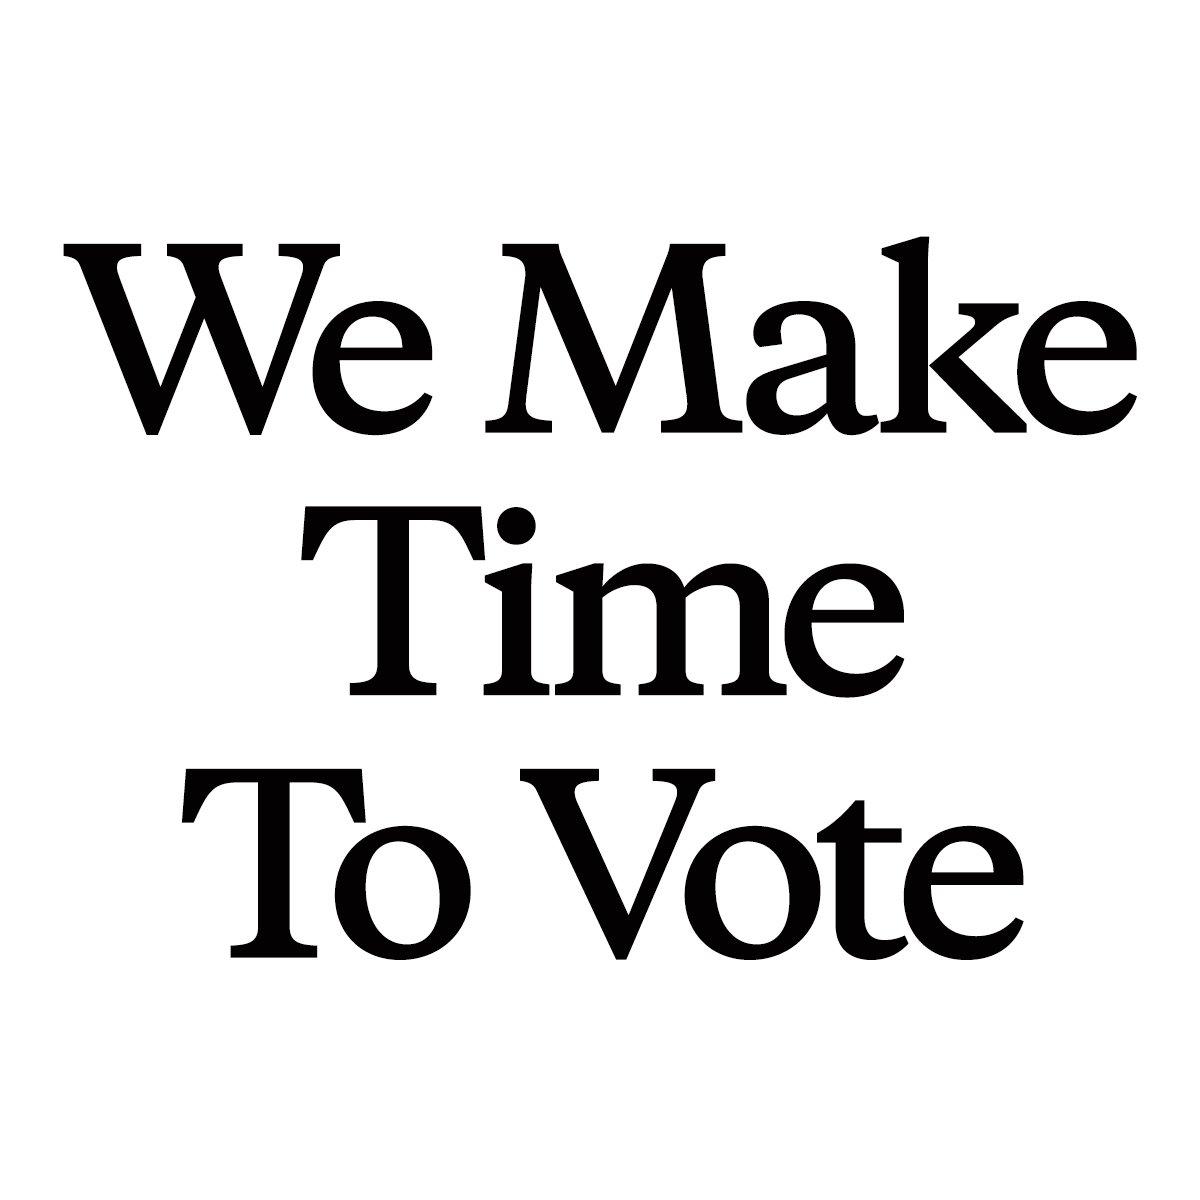 Here's the full list of businesses making #TimeToVote: https://t.co/9QsVsjUBkt  Join us.